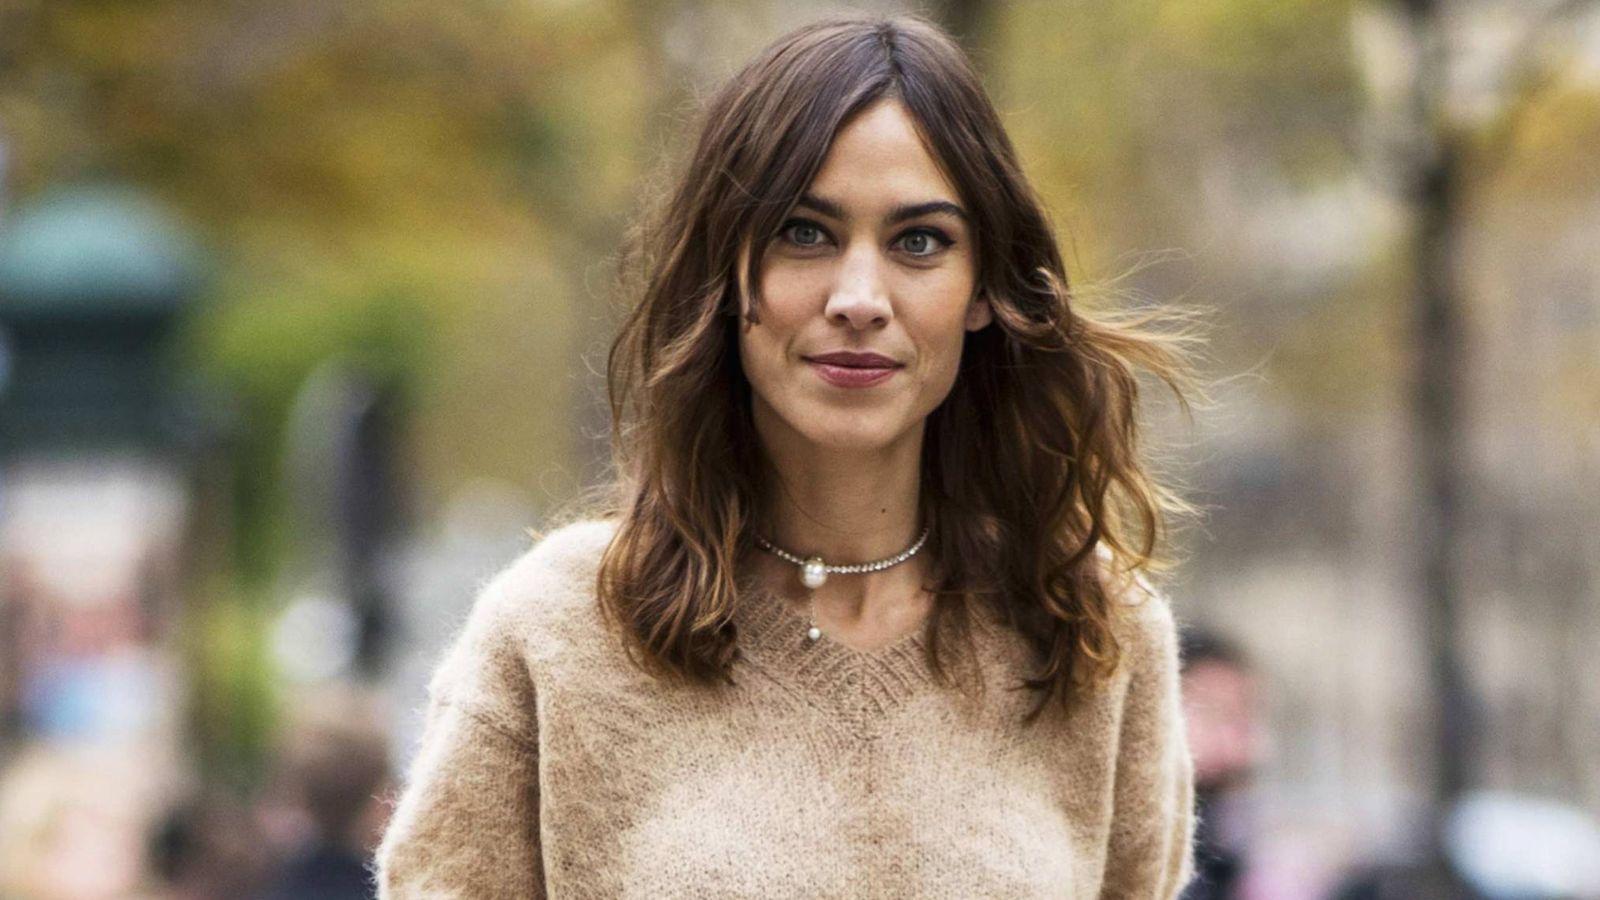 Foto: Alexa Chung en la Semana de la Moda de París. (Imaxtree)